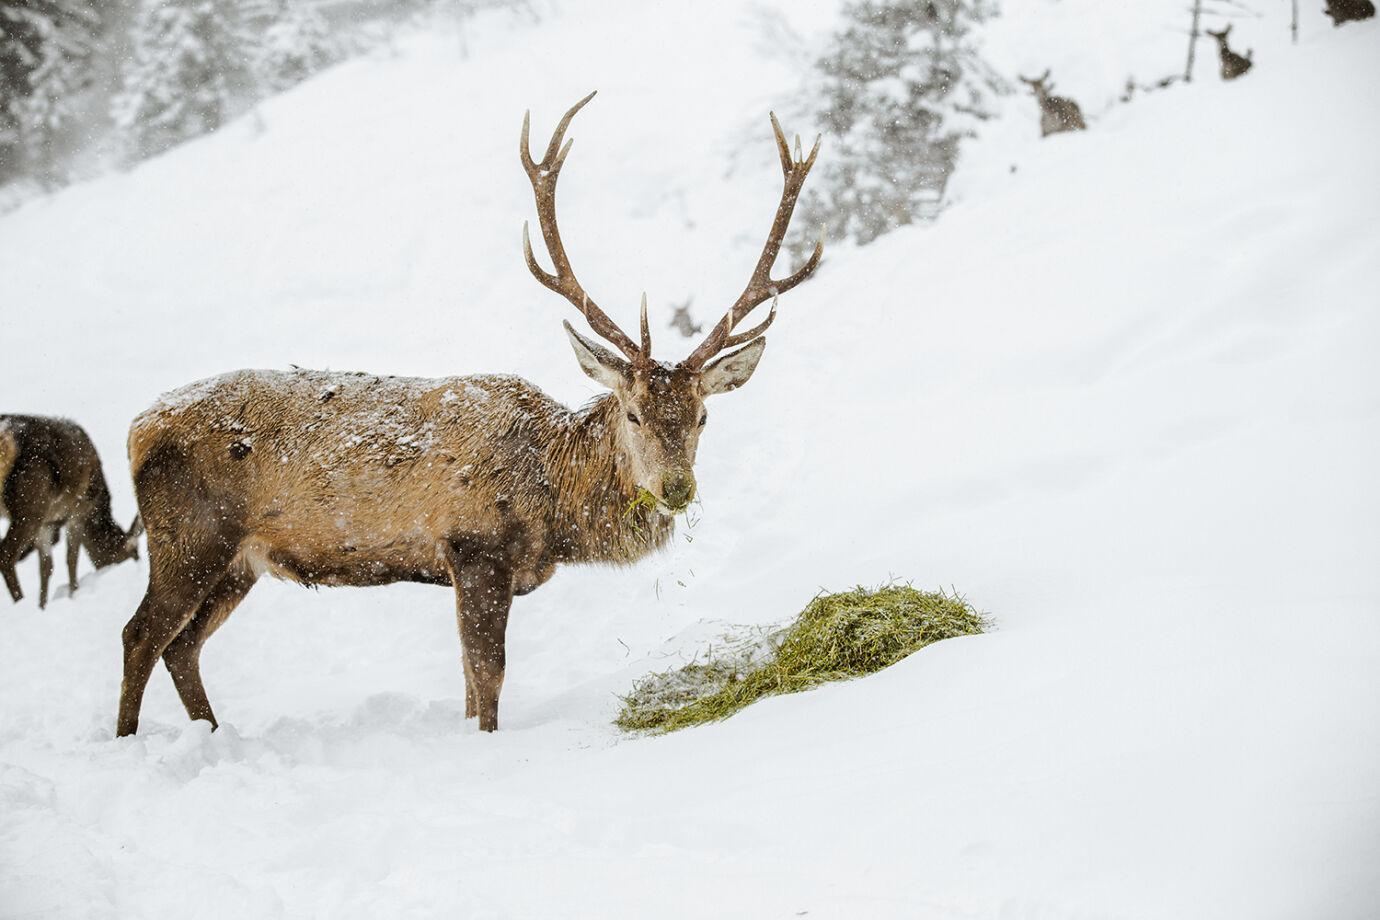 In extremen Situationen ist die Winterfütterung nicht nur als Maßnahme gegen Wildschäden zu sehen, sondern als aktiver Tierschutz! - © Christoph Burgstaller